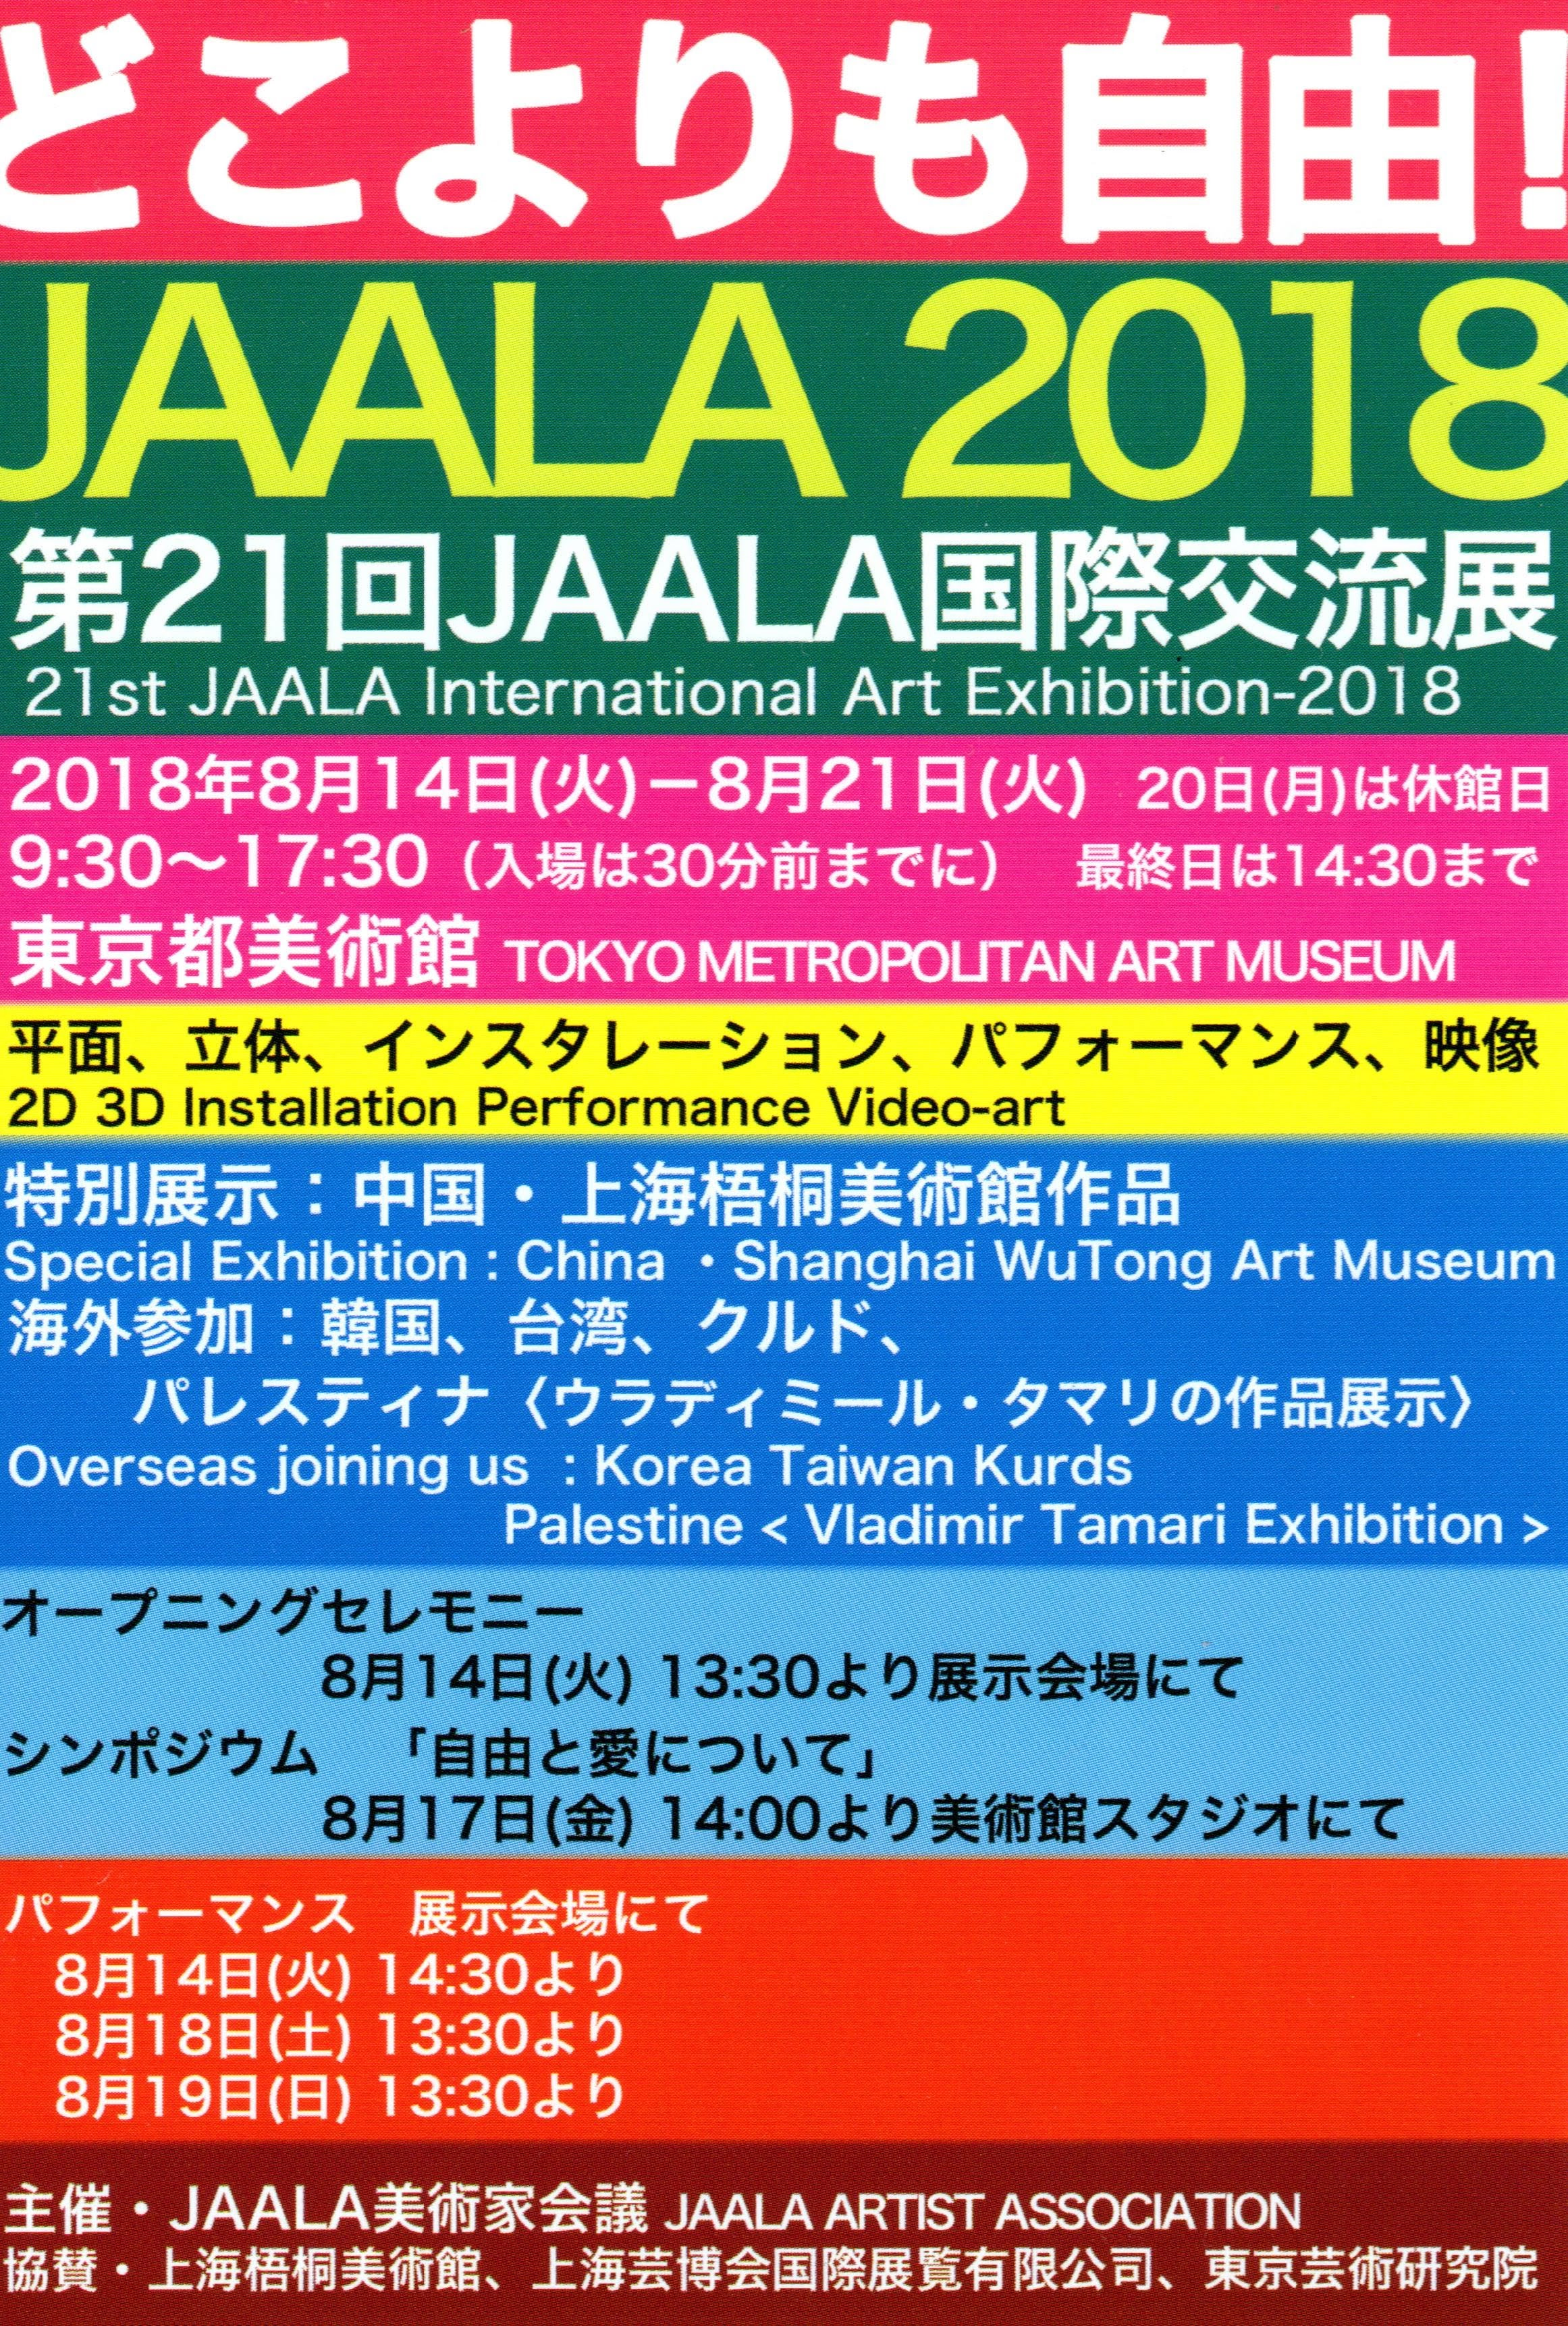 伊藤 洋子 も 美術展示。[第20回JAALA国際交流展-2018]。